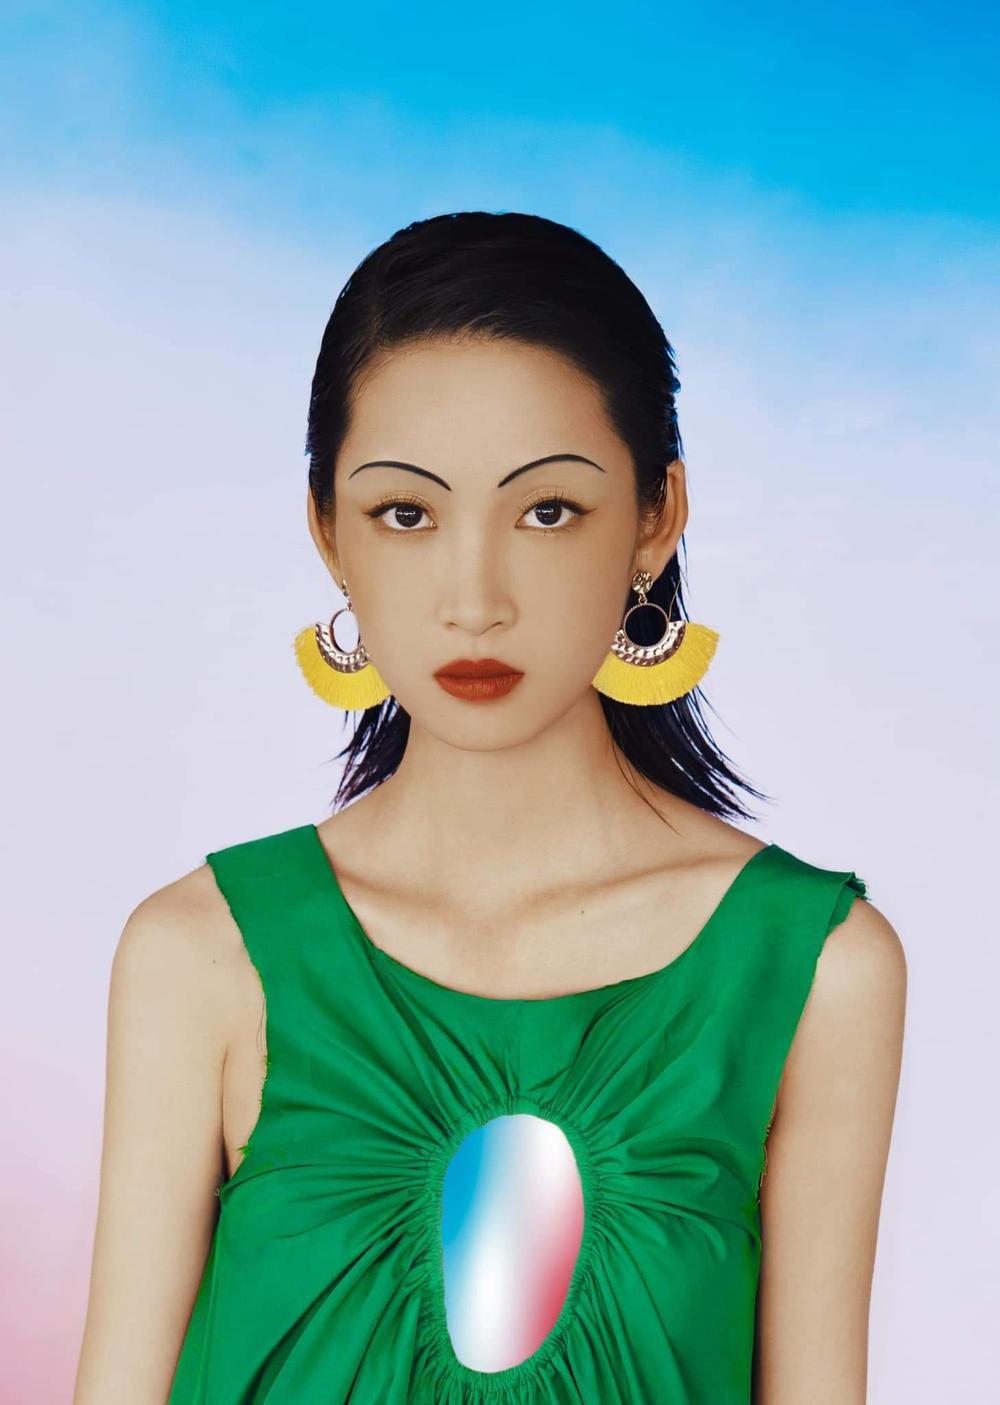 Juky San hoá nàng thơ tao nhã, đẹp thoát tục mơ màng giữa tiết Xuân Ảnh 2